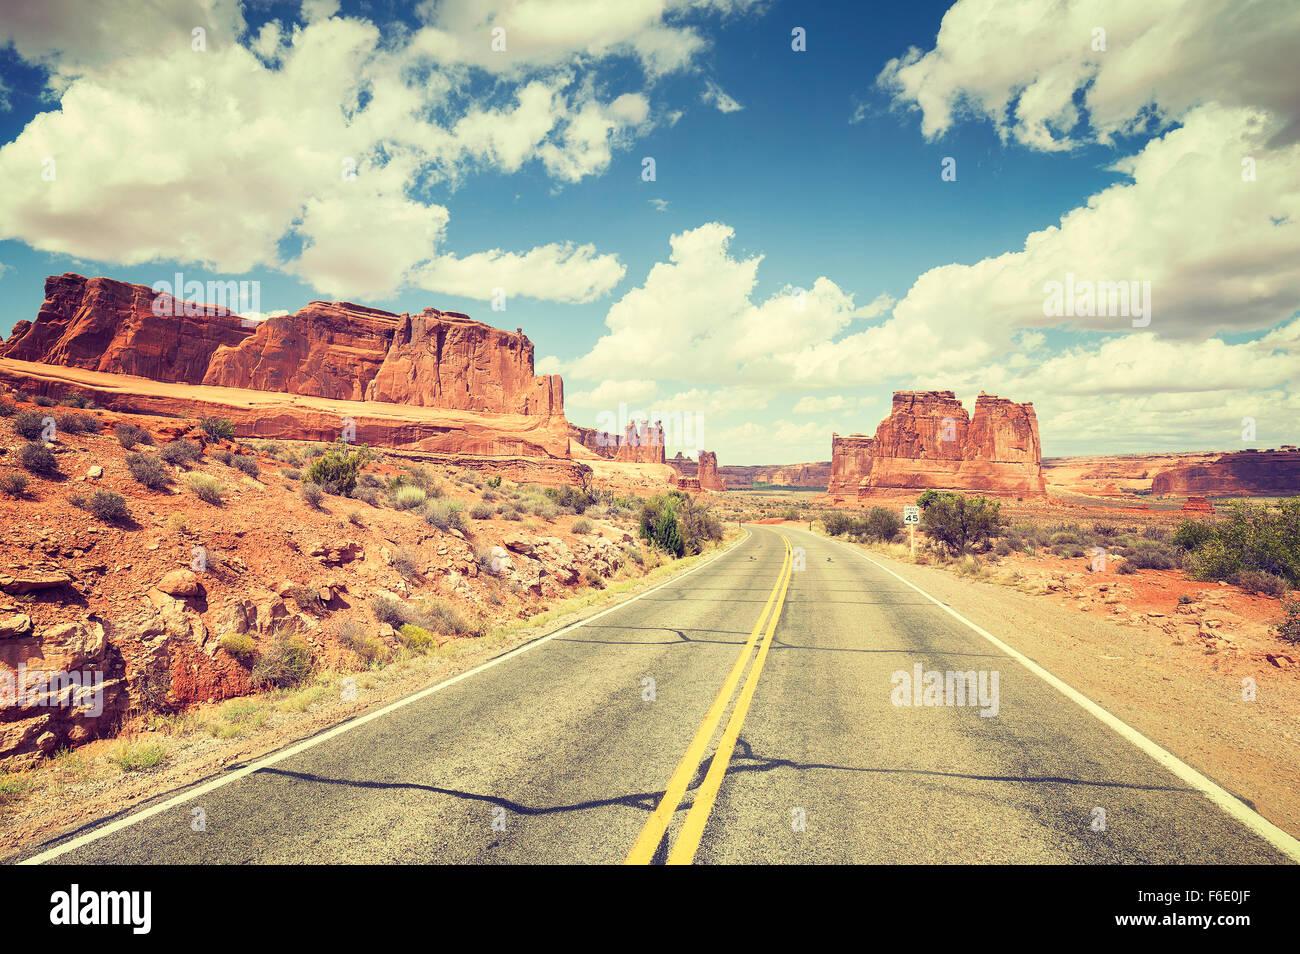 Tonos Vintage carretera escénica, viajes concepto imagen, USA. Imagen De Stock